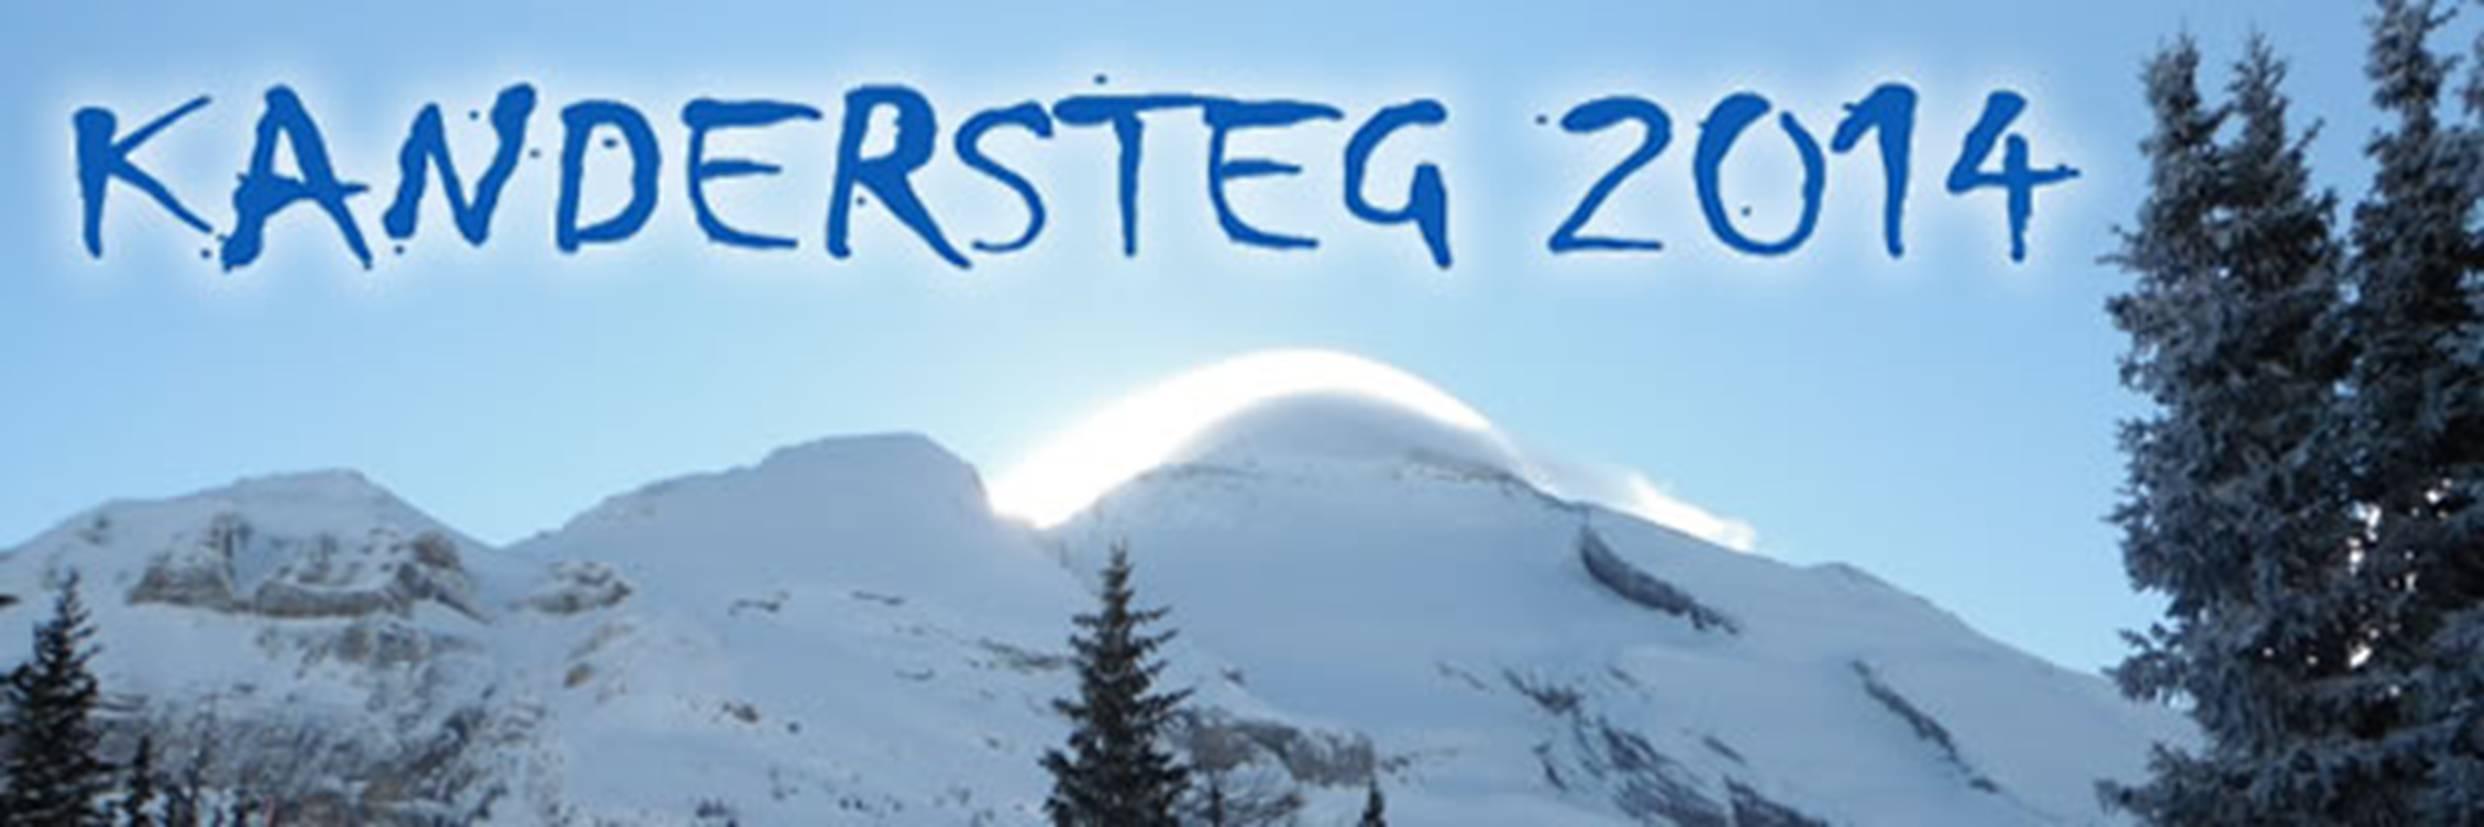 kandersteg_2014_banner